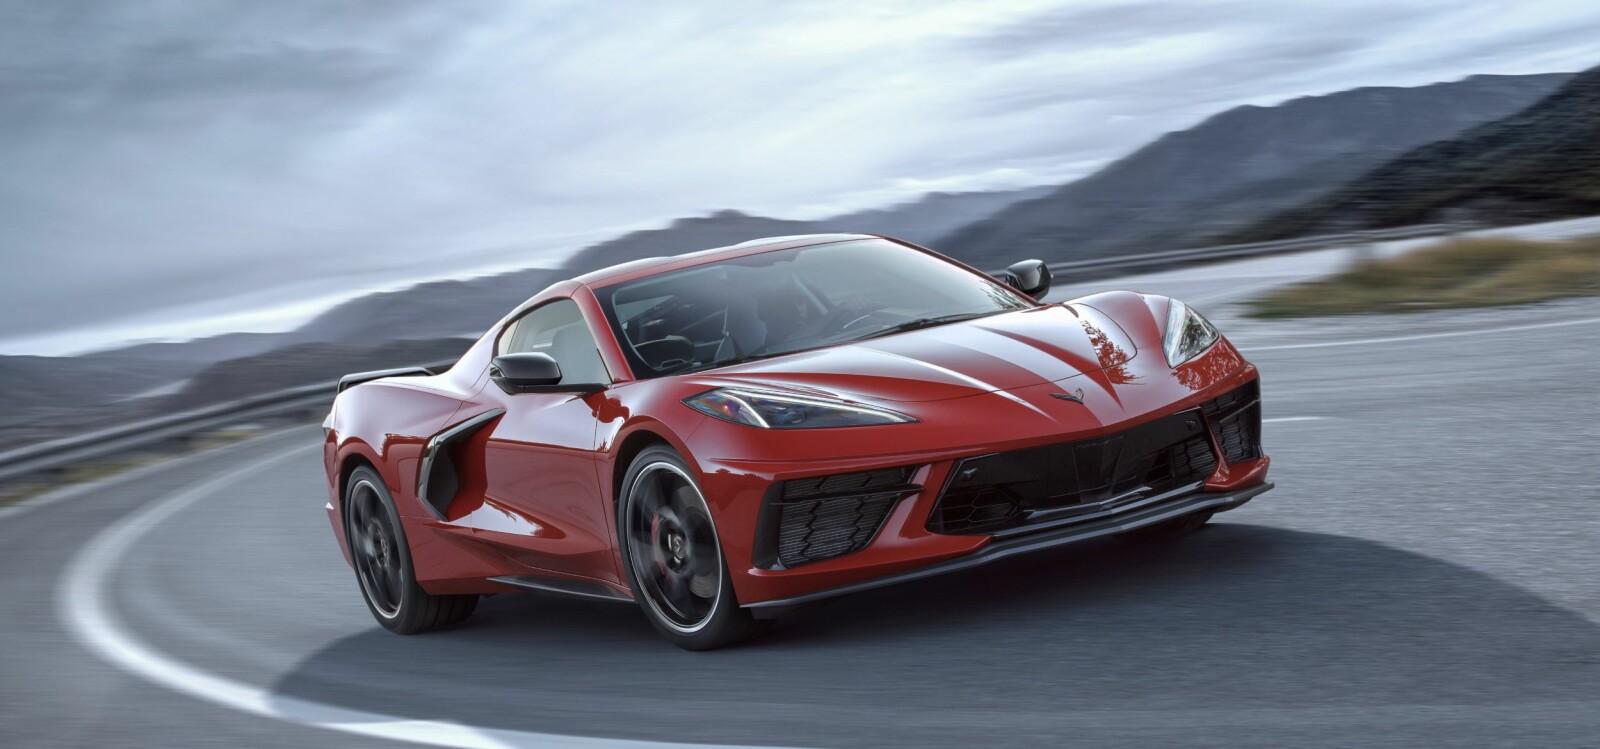 <b>FERRARI?:</b> Det er faktisk en Corvette.